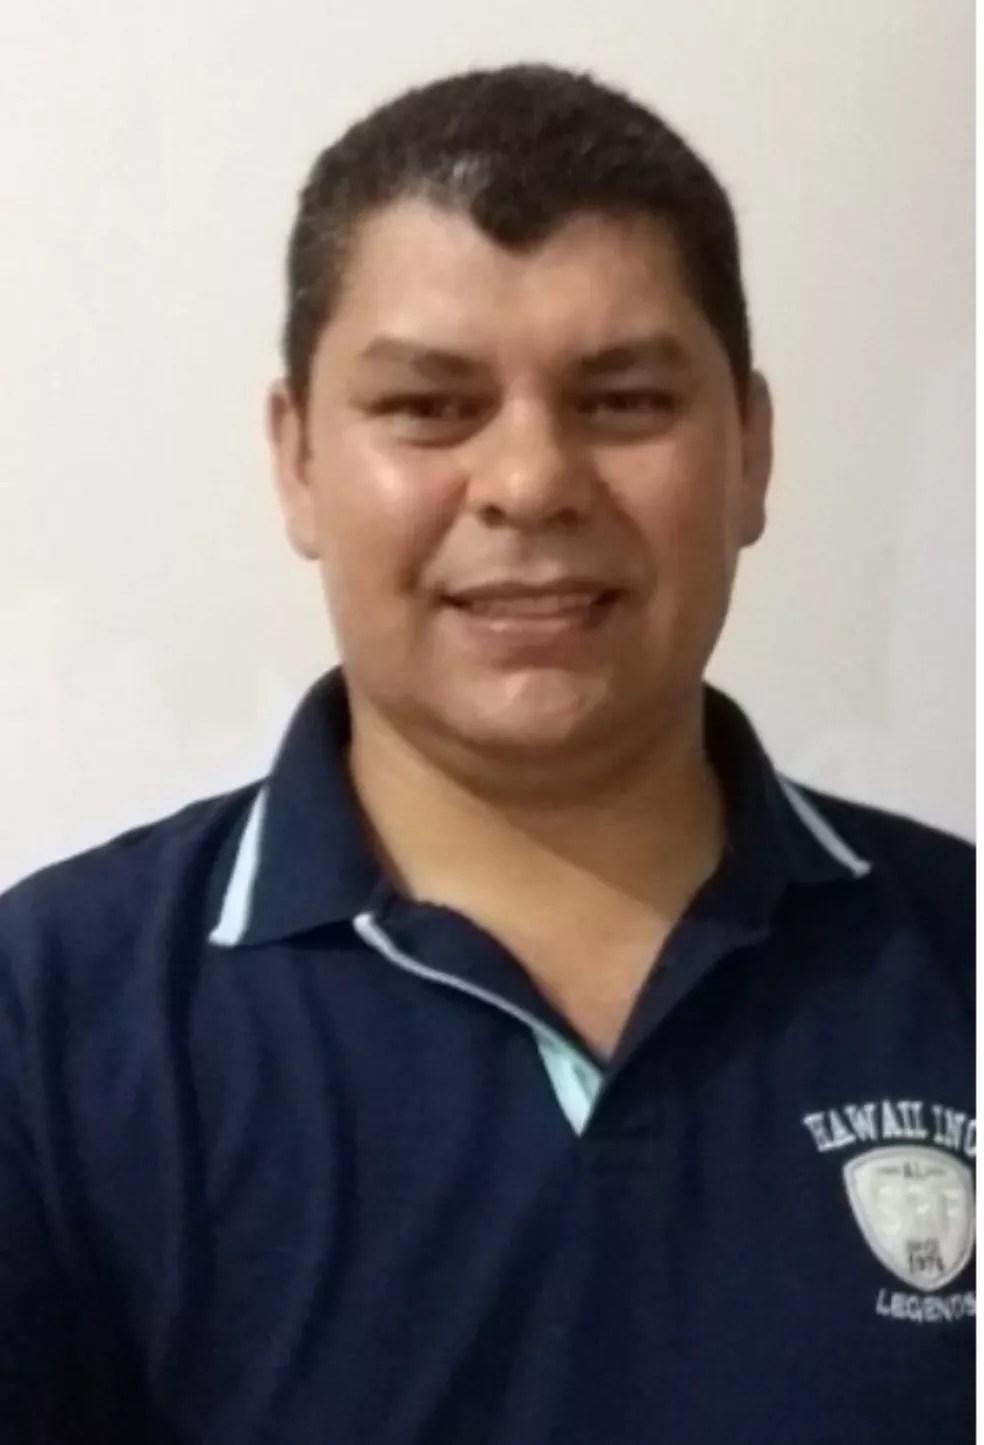 Policial Delmar Camargo, 45, matou a ex-companheira, o filho e se matou, diz PM. — Foto: Reprodução/ Facebook